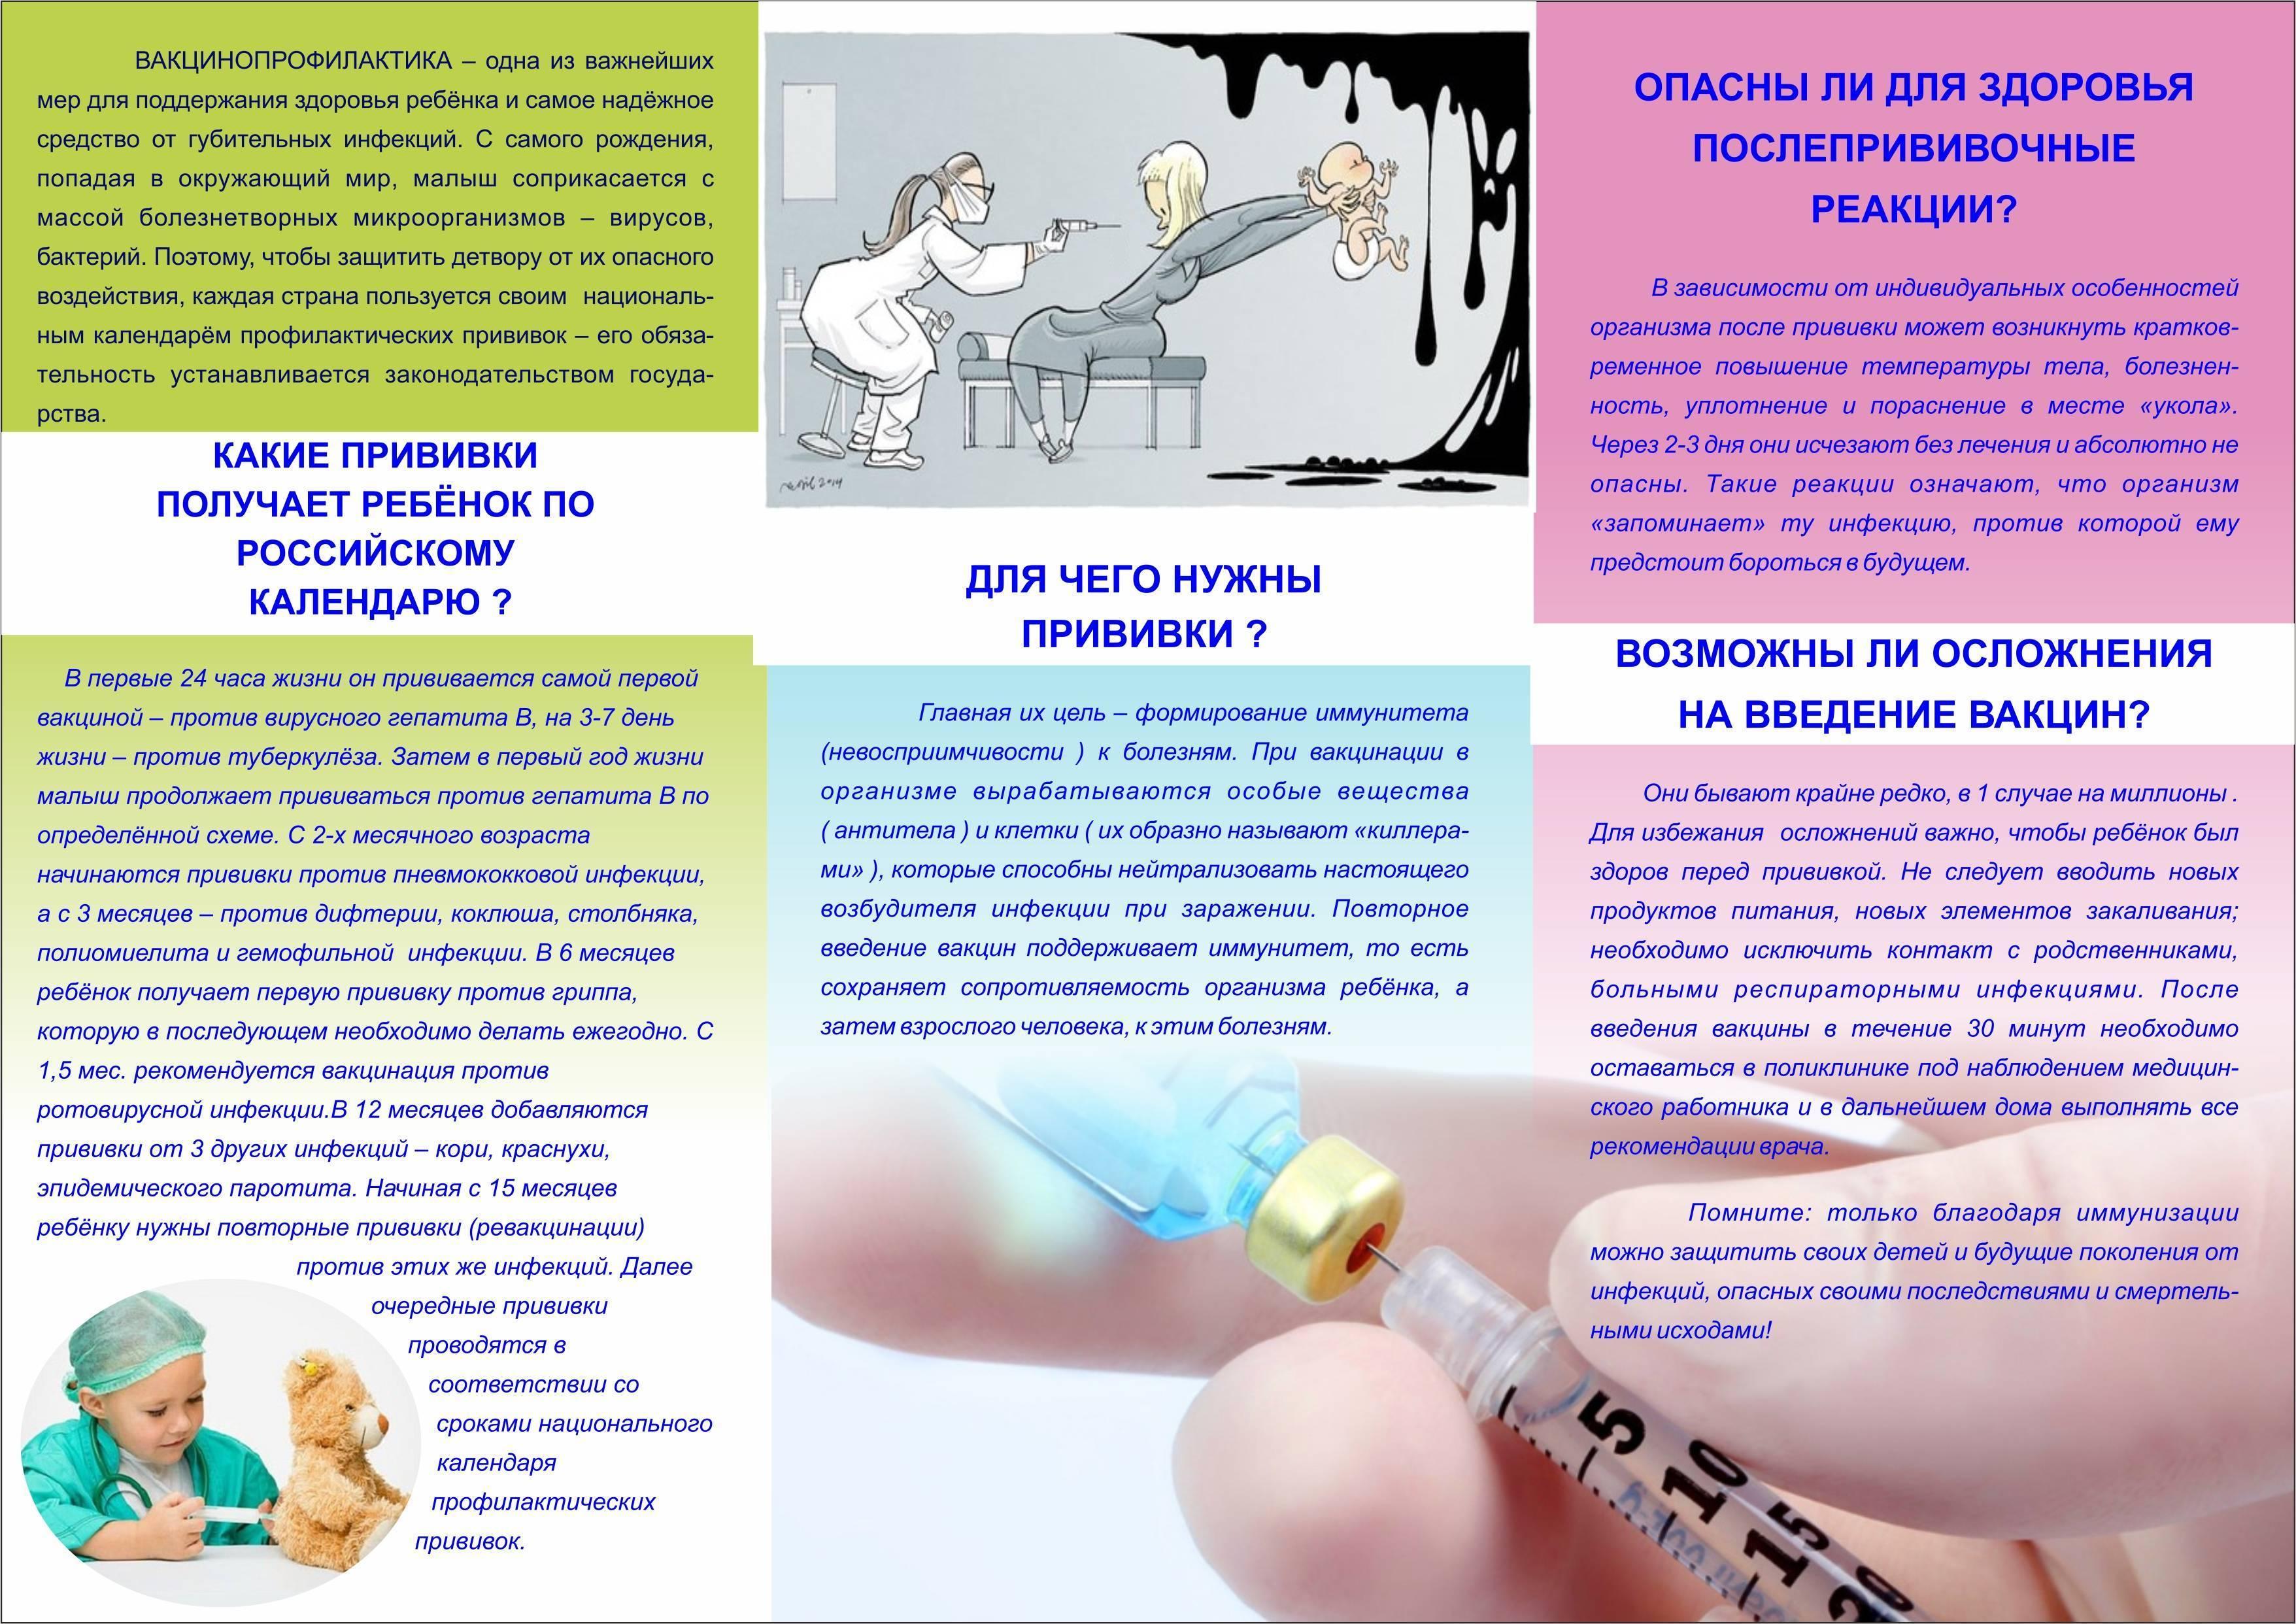 Зачем делают прививку ? от ротавирусных инфекций детям и в каком возрасте ее лучше ставить — топотушки